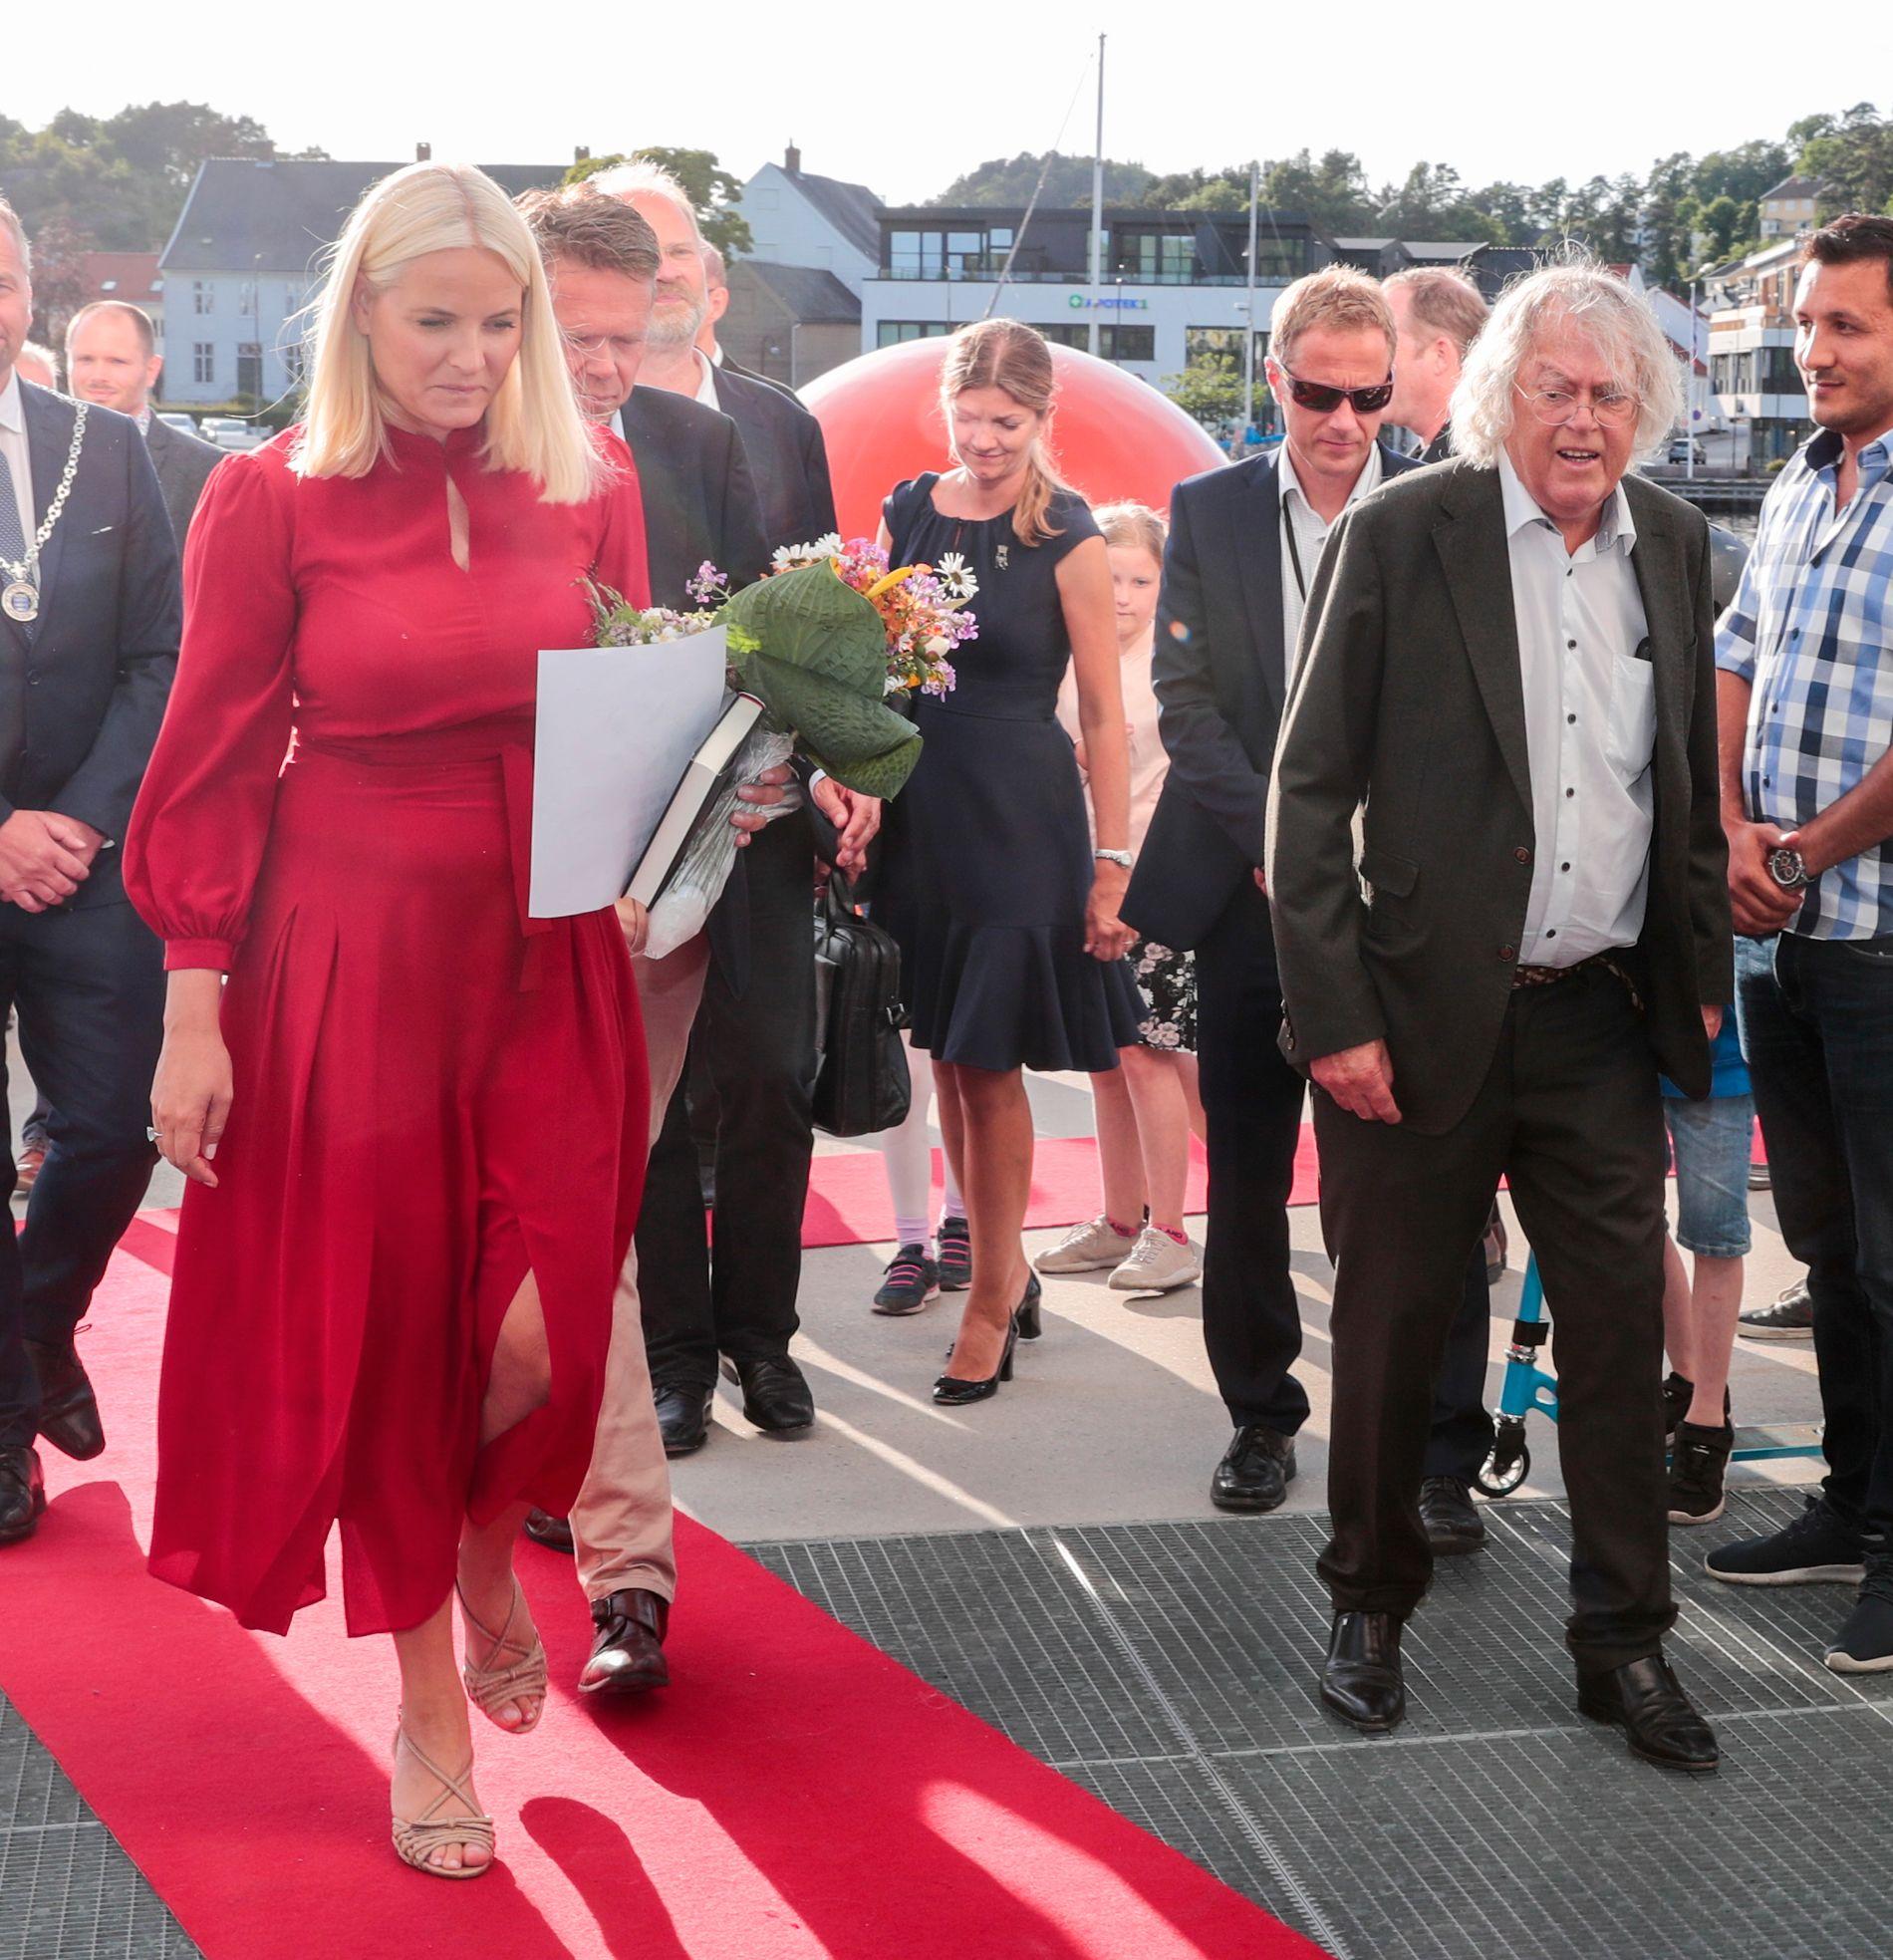 METTE-MARIT-FAVORITT: Kronprinsesse Mette-Marit er en av Dag Solstads mange fans, og her er de to fotografert sammen i forbindelse med fjorårets litteraturtog. Solstad deltar også med en tekst i antologien Mette-Marit gir ut i høst.